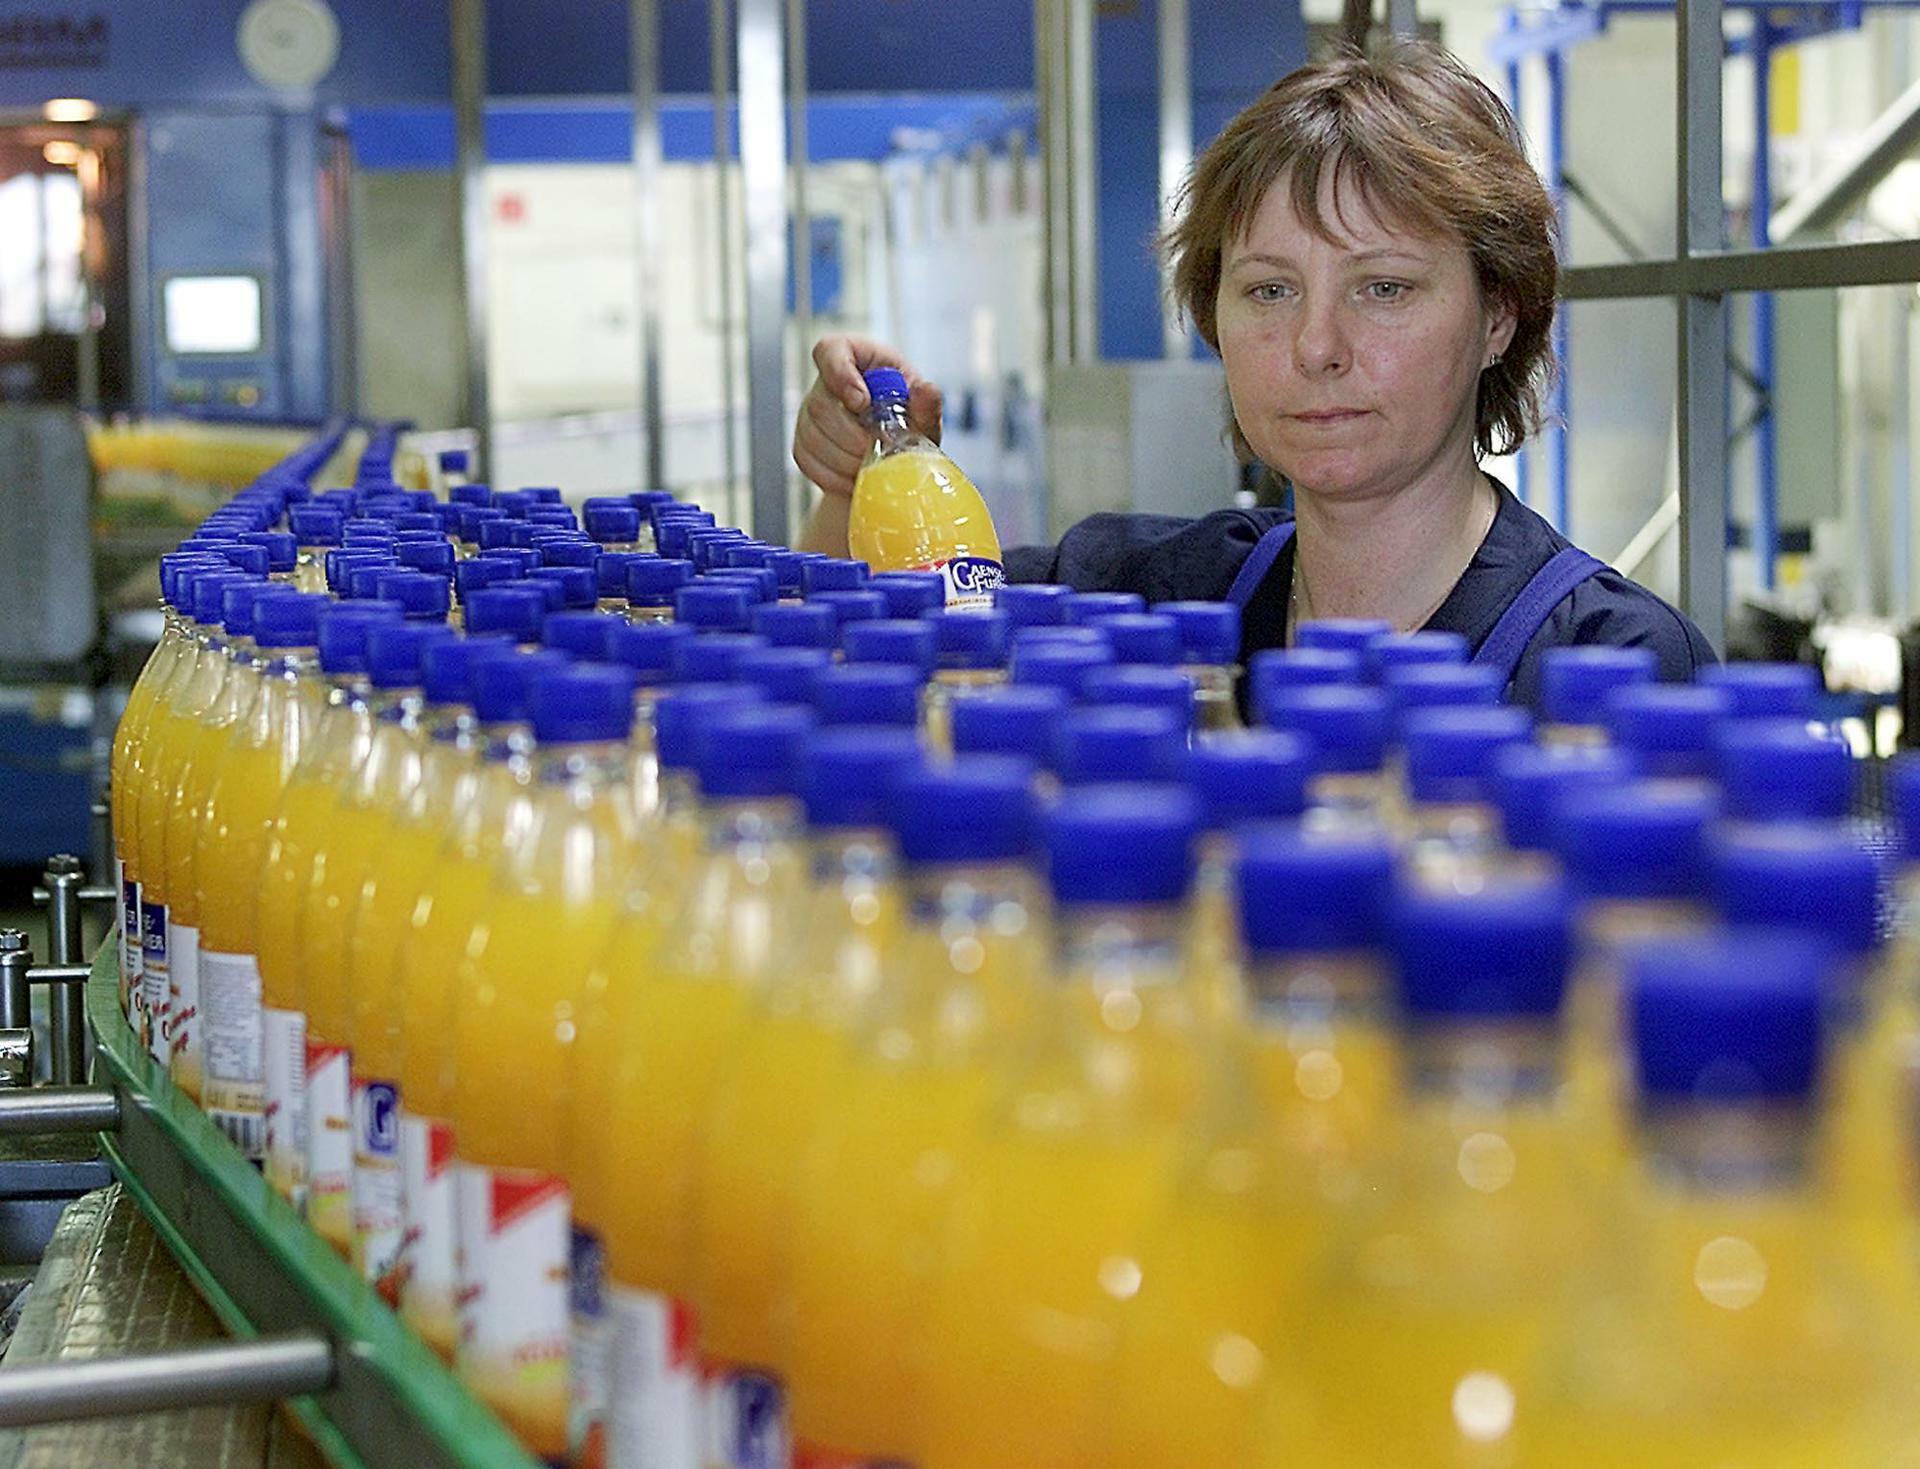 Steuersatz vervierfacht: Frankreich nimmt sich Brause-Hersteller vor